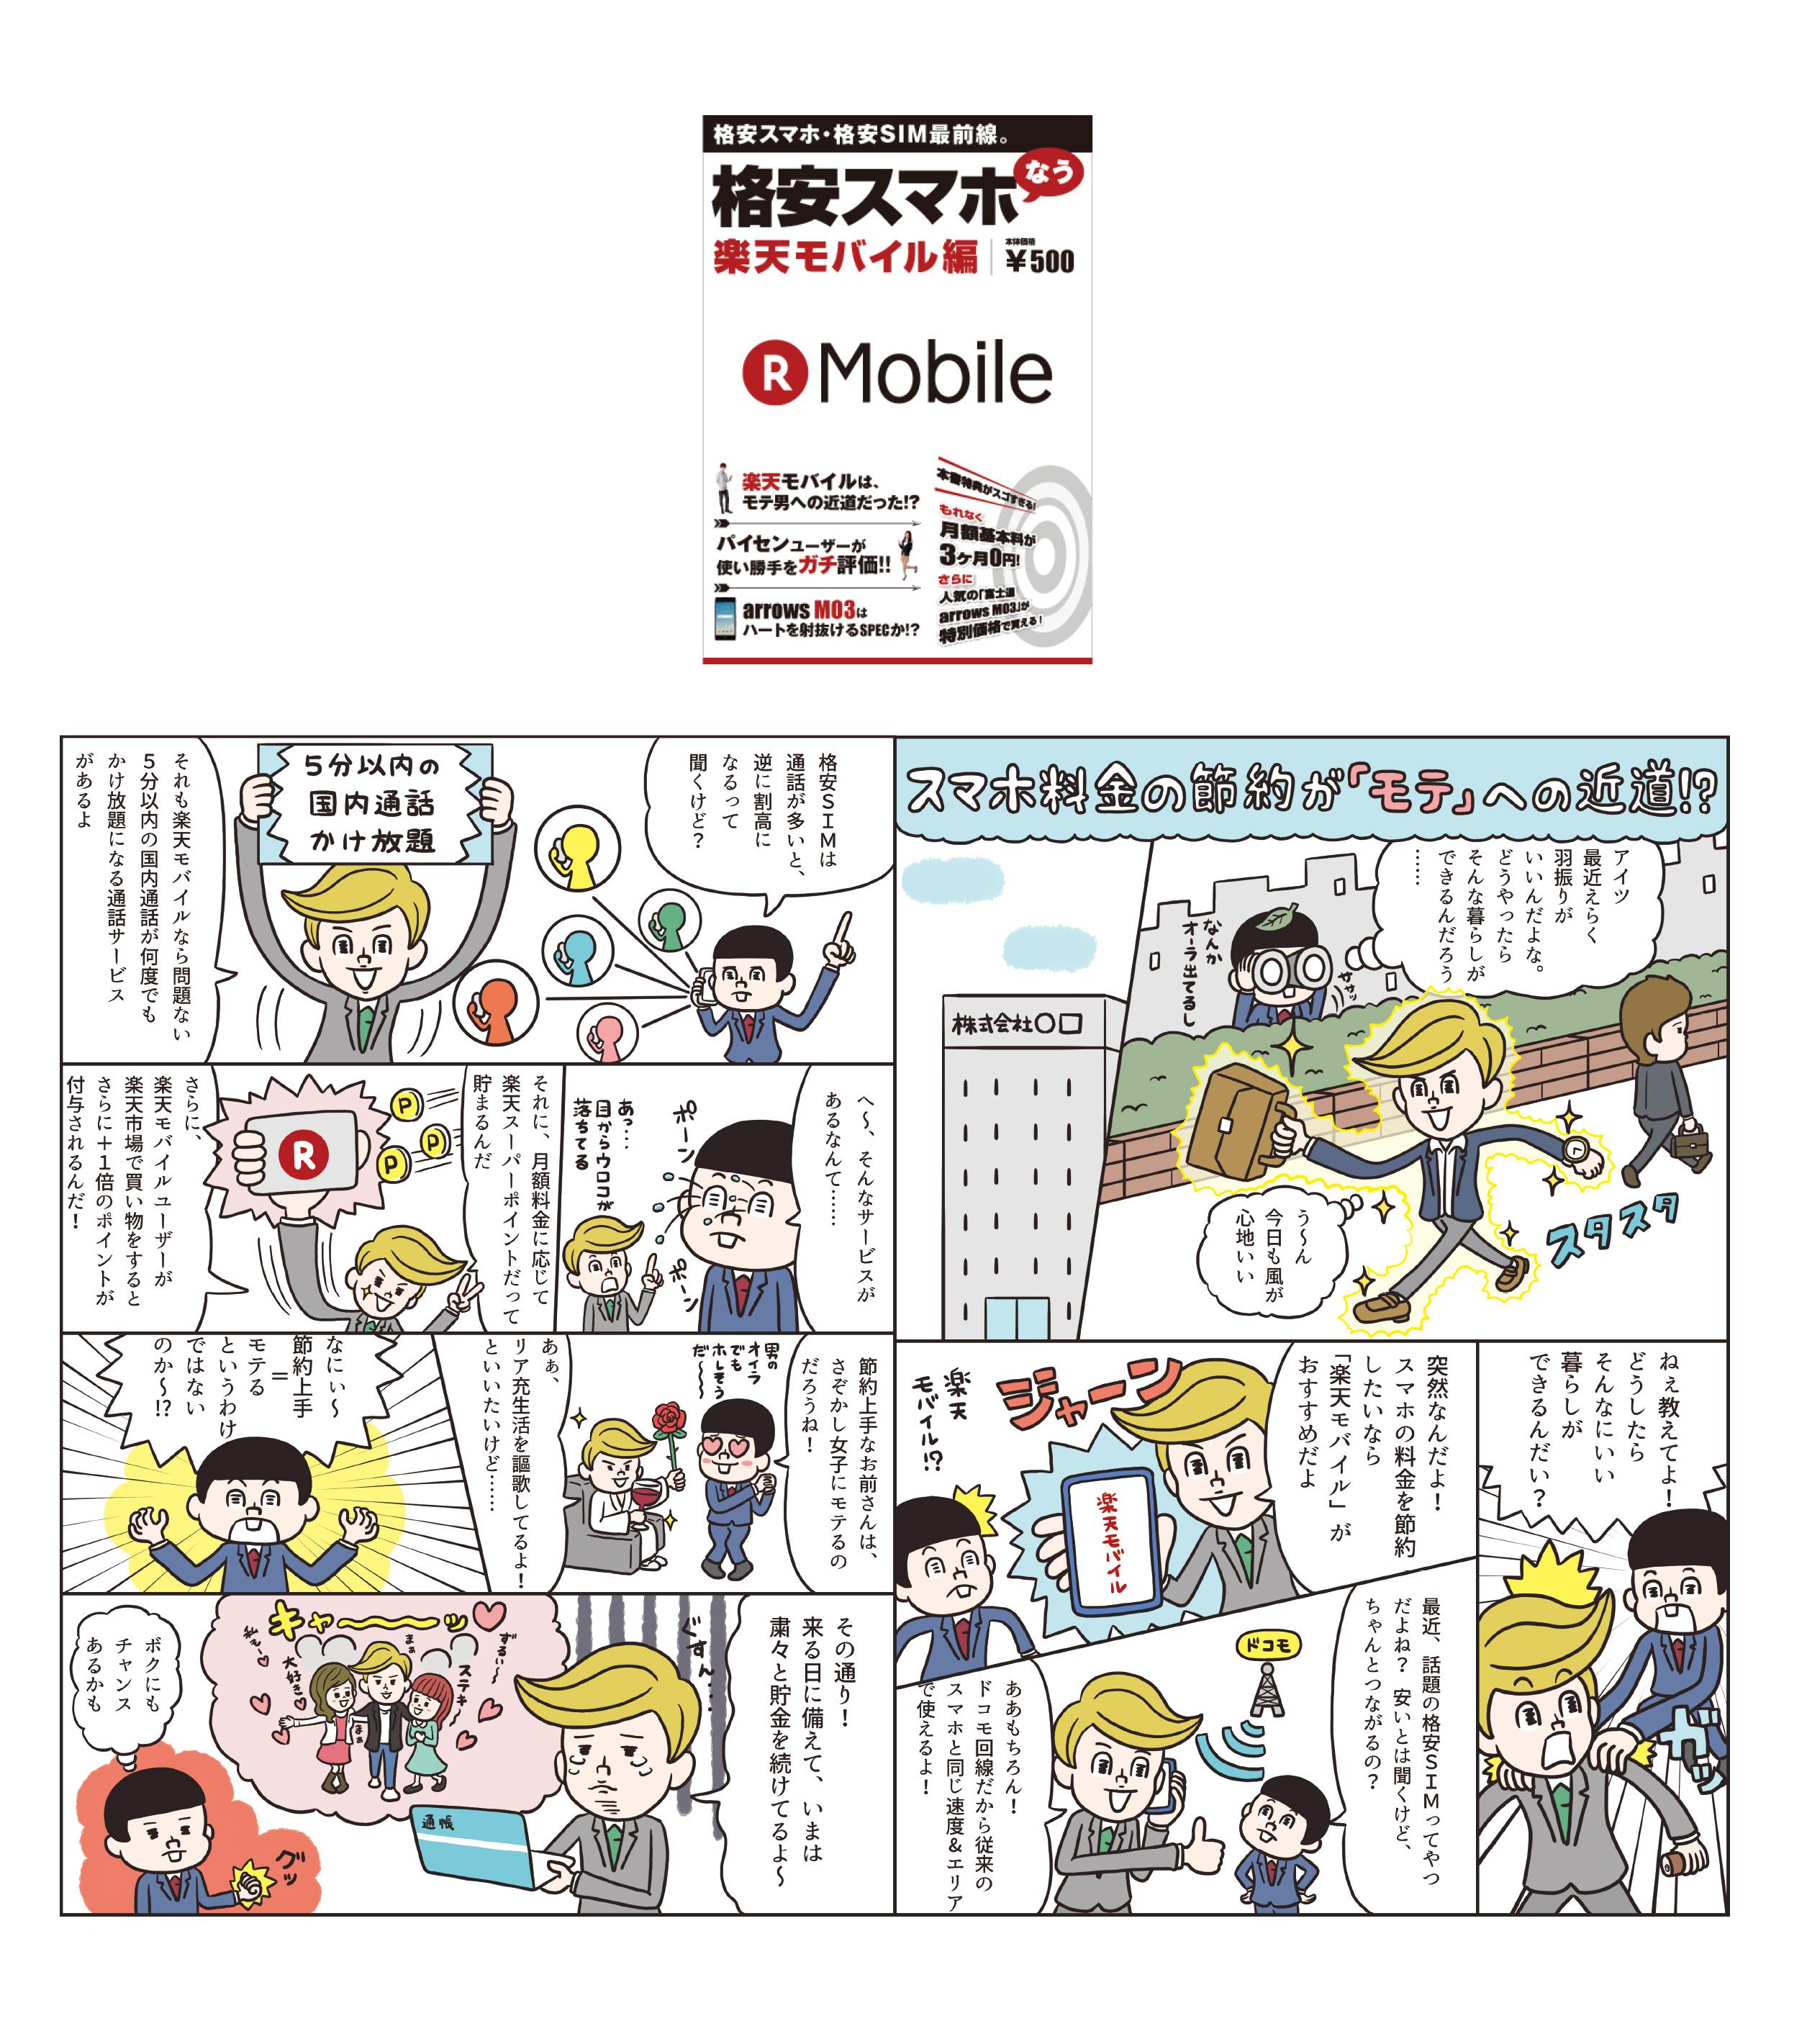 富士通FOM出版 格安スマホなう 楽天モバイル編